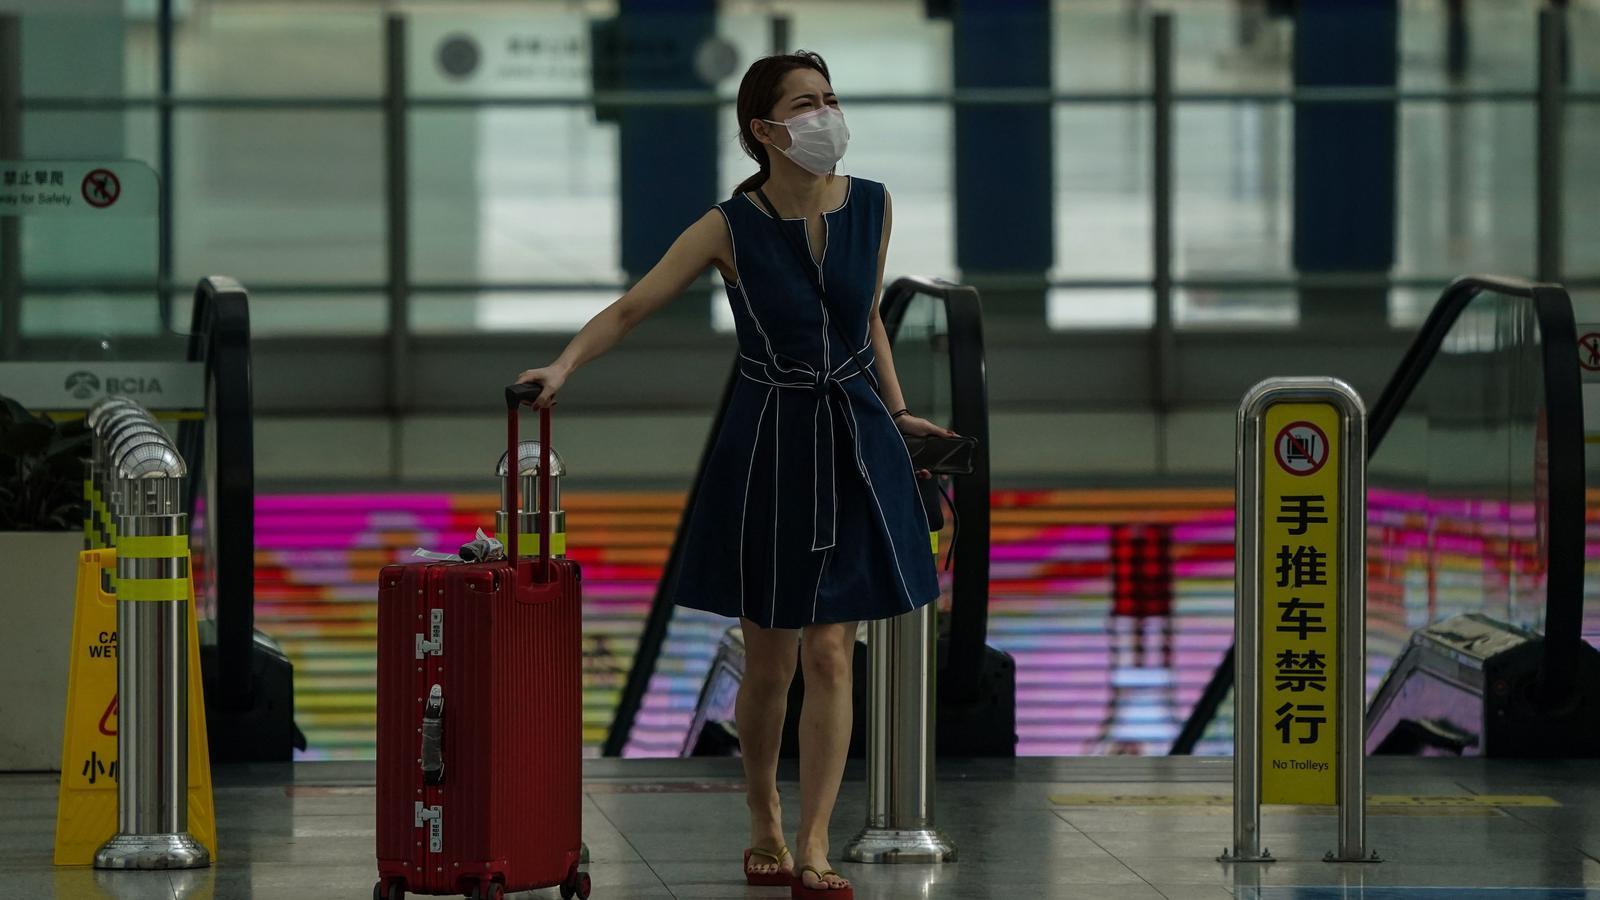 Pequín cancel·la més de 1.200 vols pel brot de coronavirus